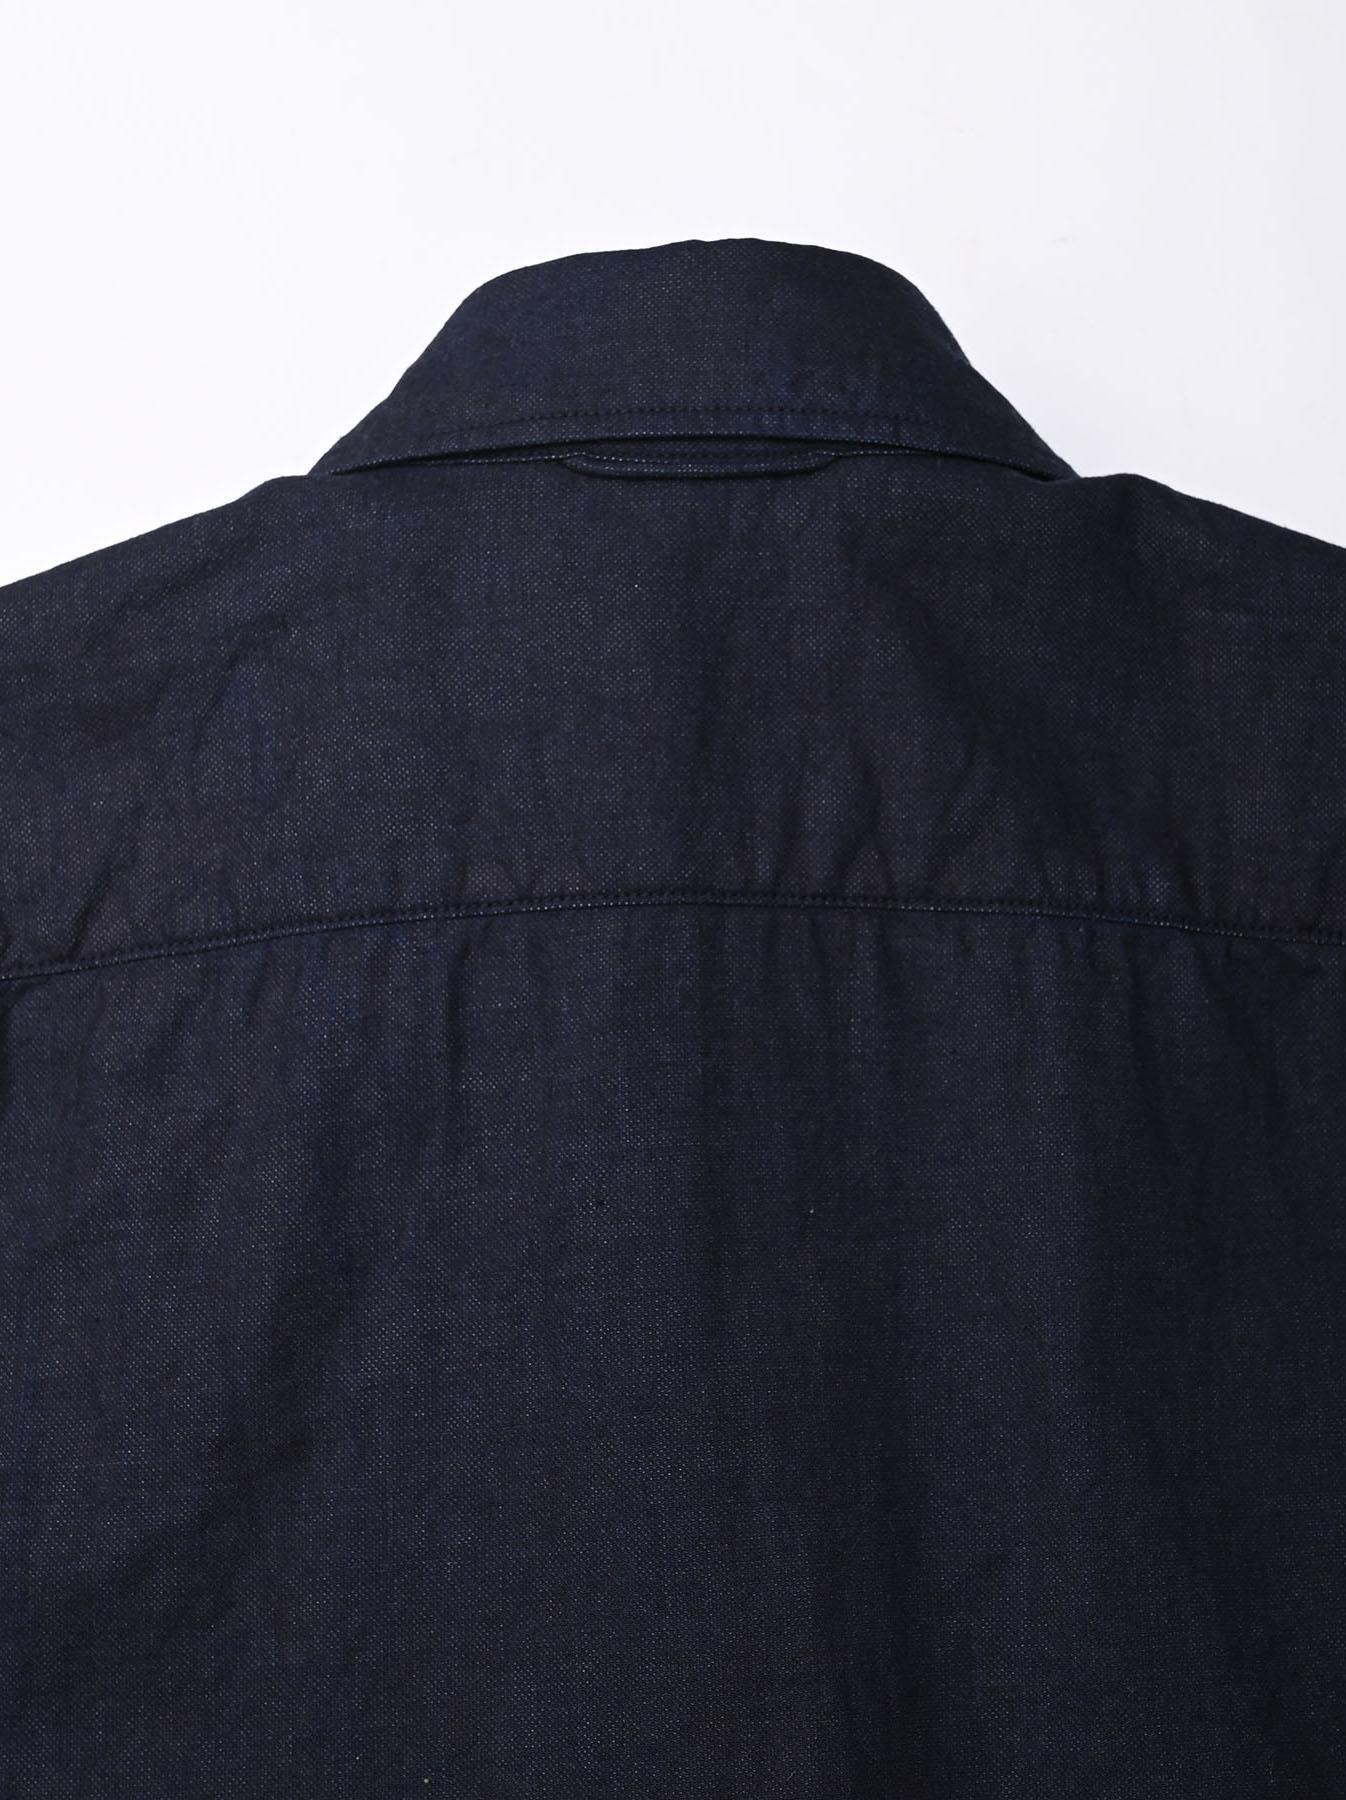 Indigo Double Woven 908 Loafer Shirt (0421)-8